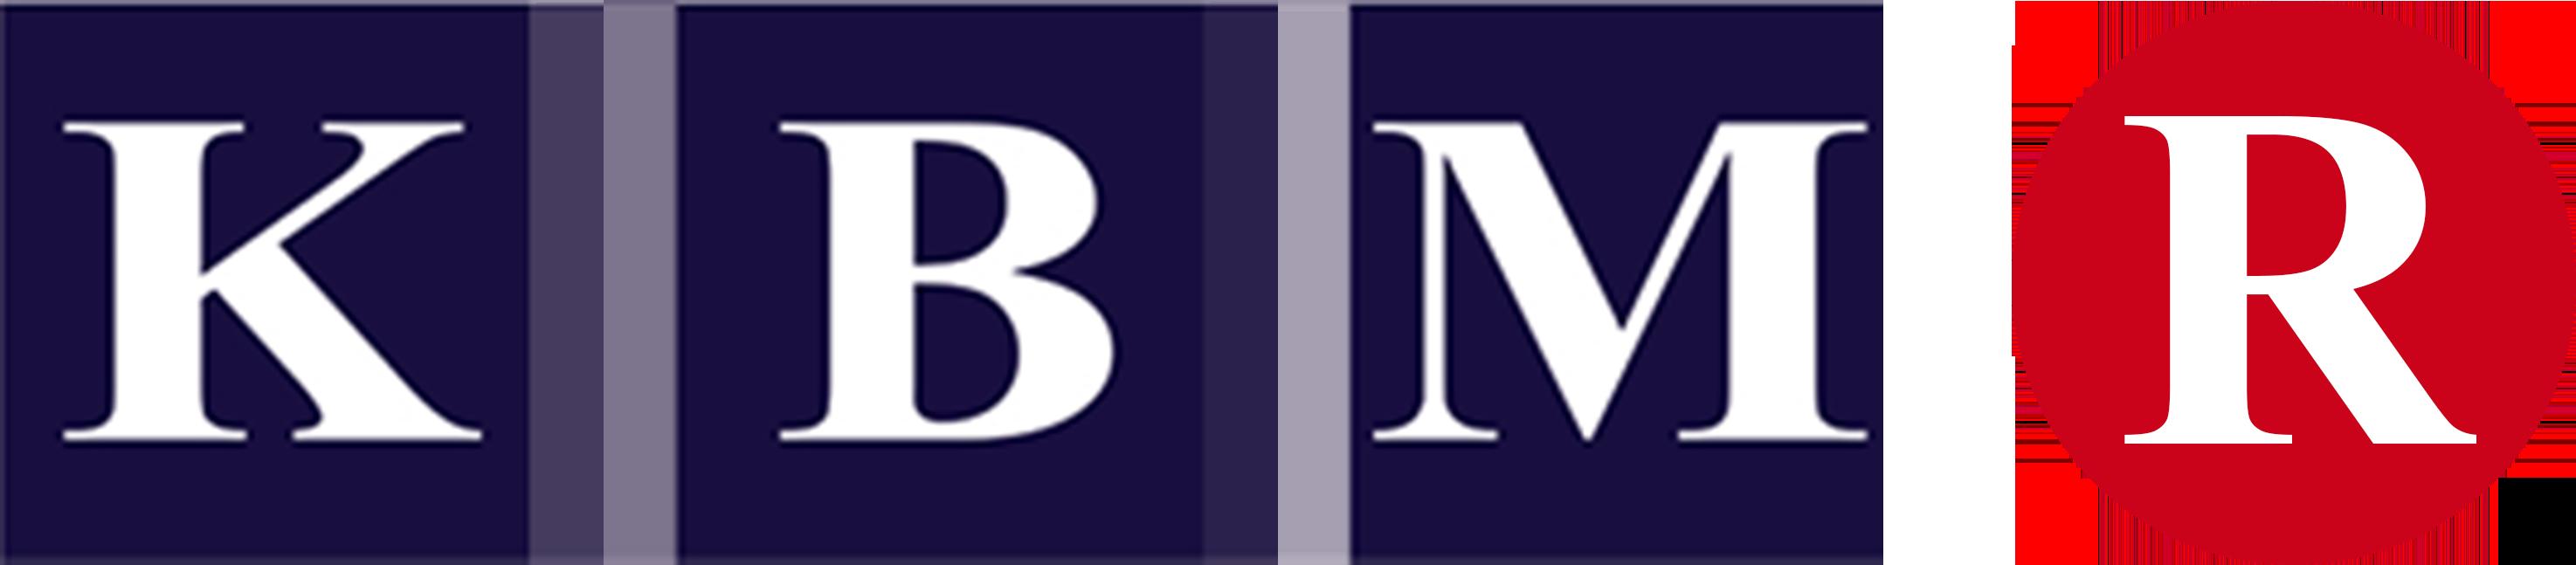 kbm recruitment logo